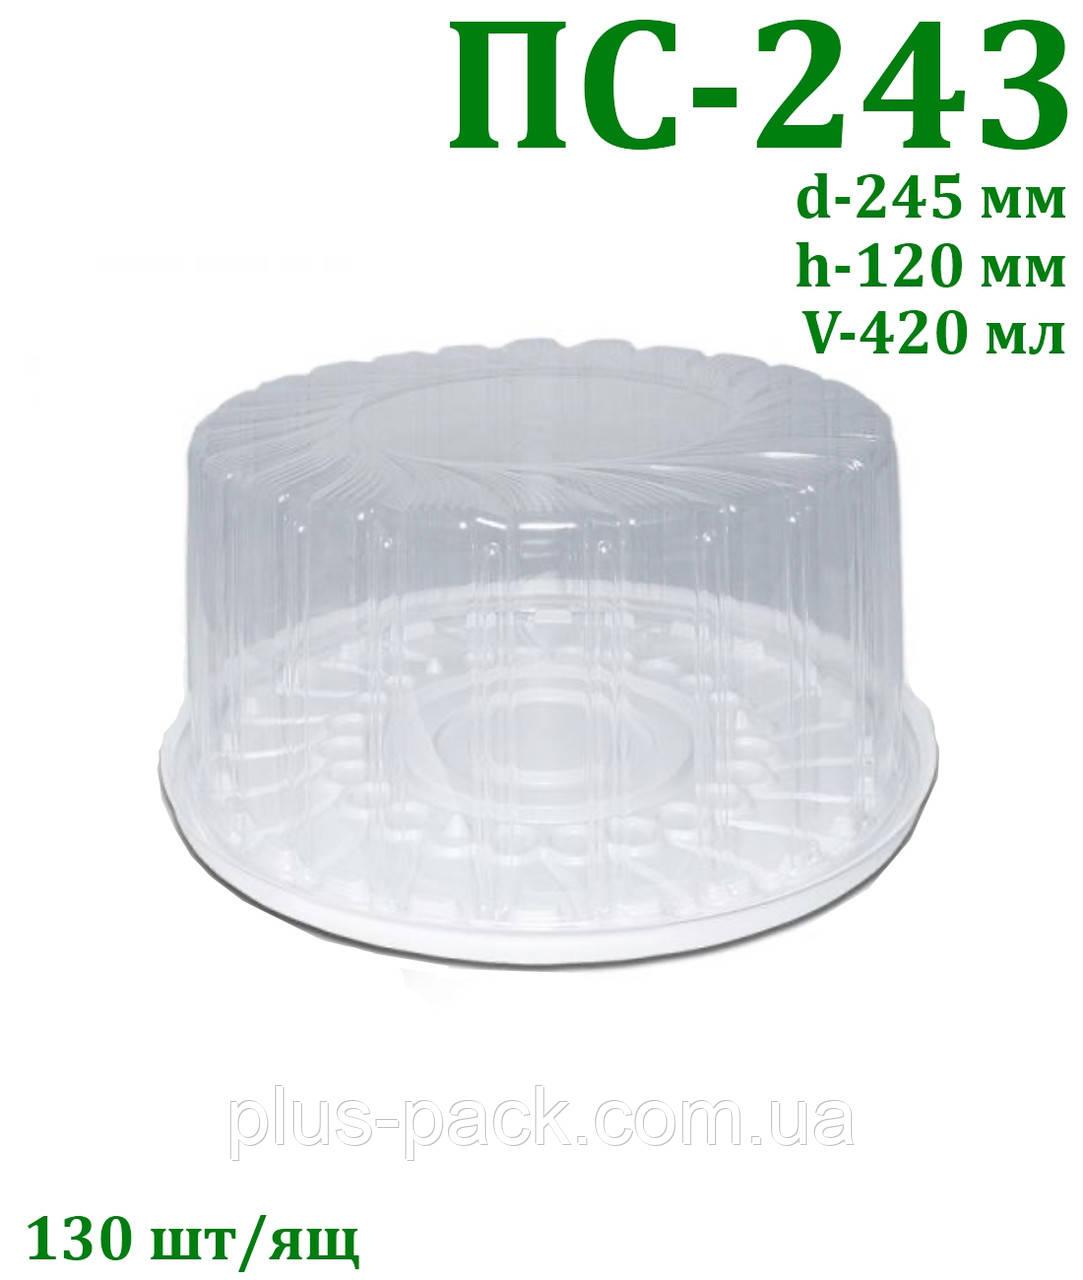 Упаковка для тортів кругла (1 кг). 130шт/ящ